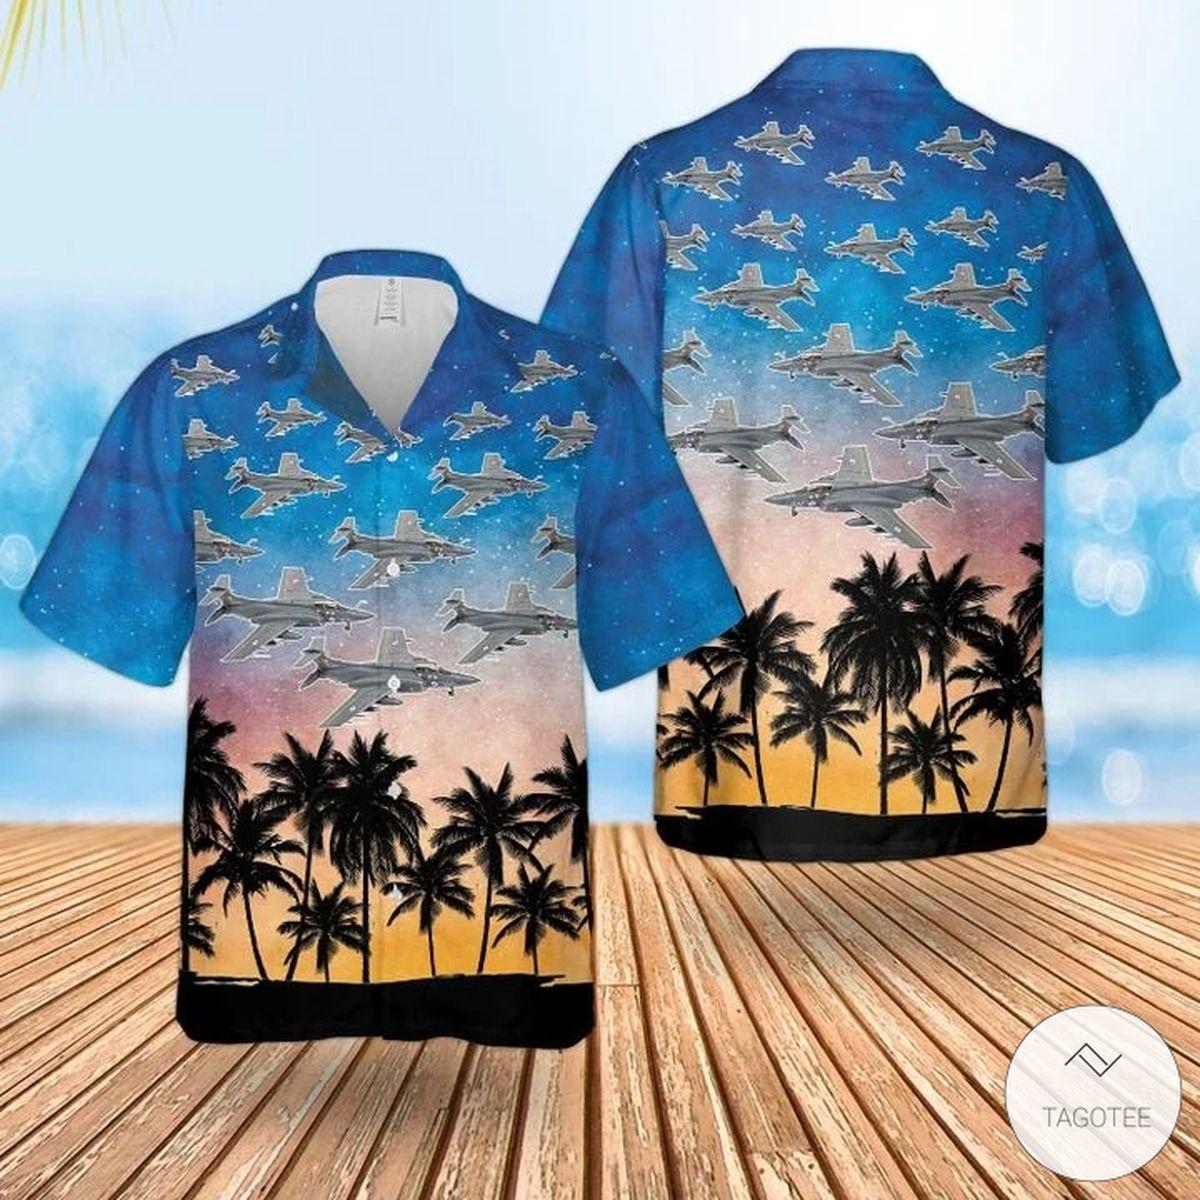 Rn Historical Blackburn Buccaneer Hawaiian Shirt, Beach Shorts